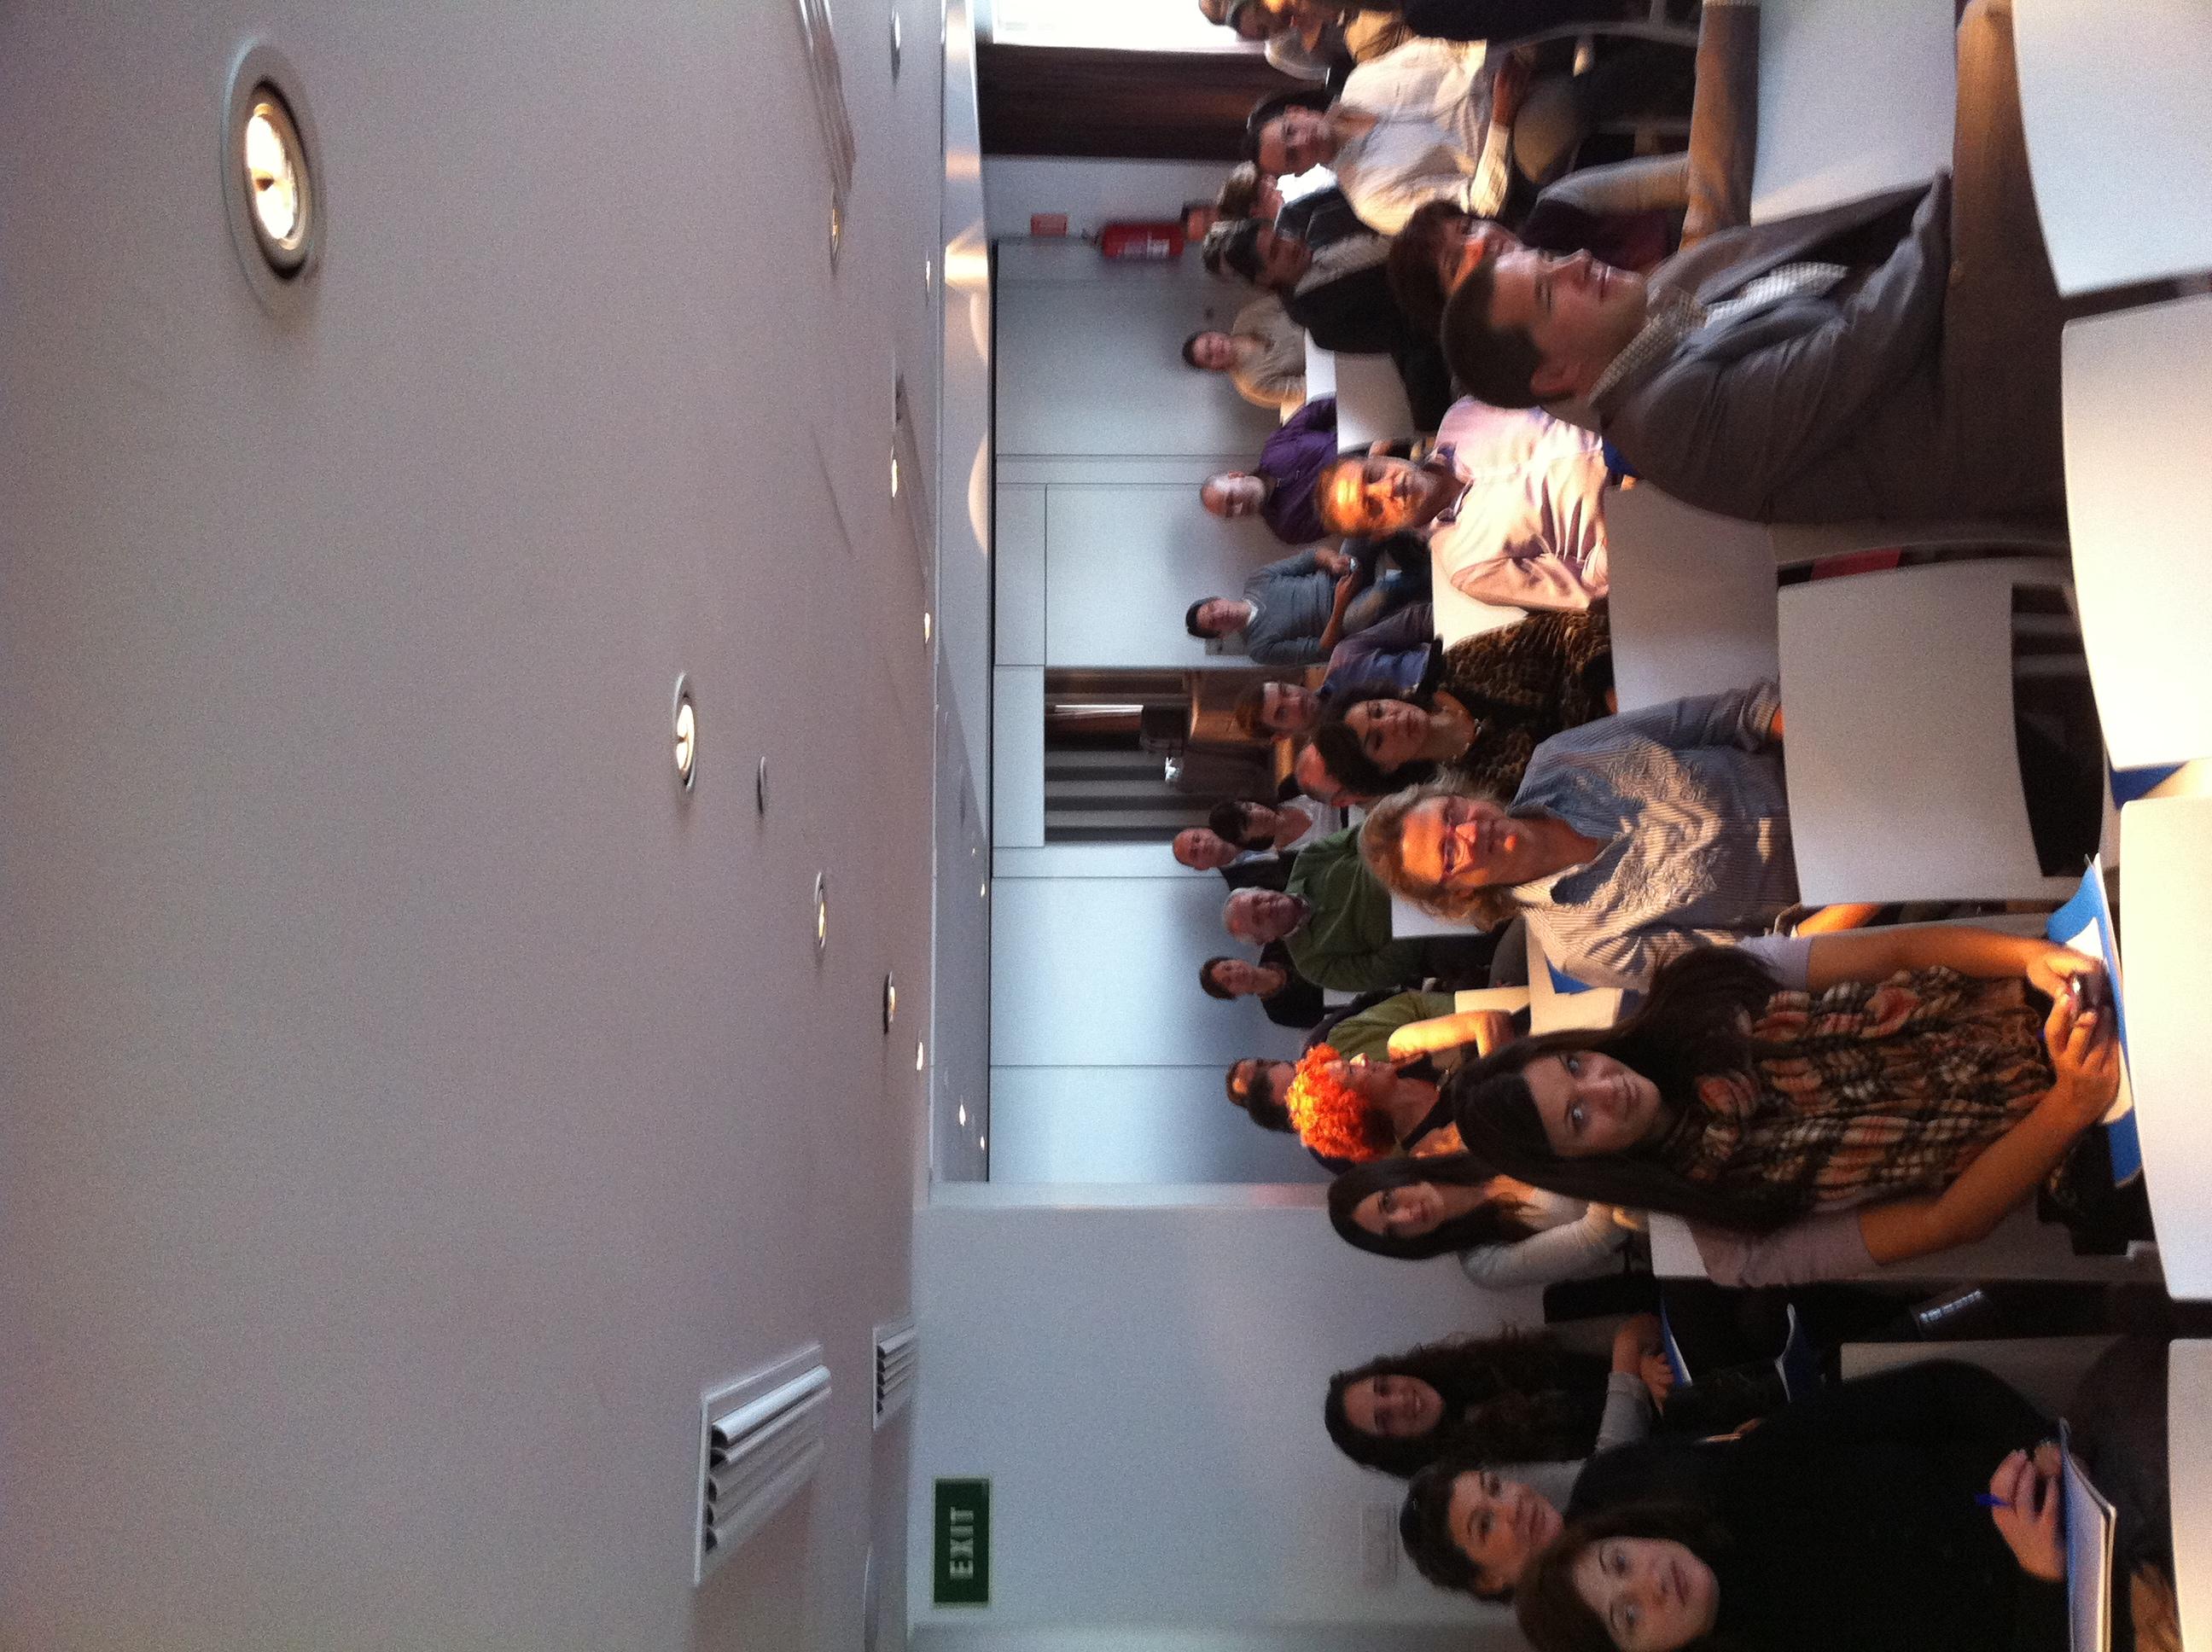 Fotos de familia de los cursos de idealista en 2012 coordinados por la oficina de barcelona - Idealista oficinas madrid ...